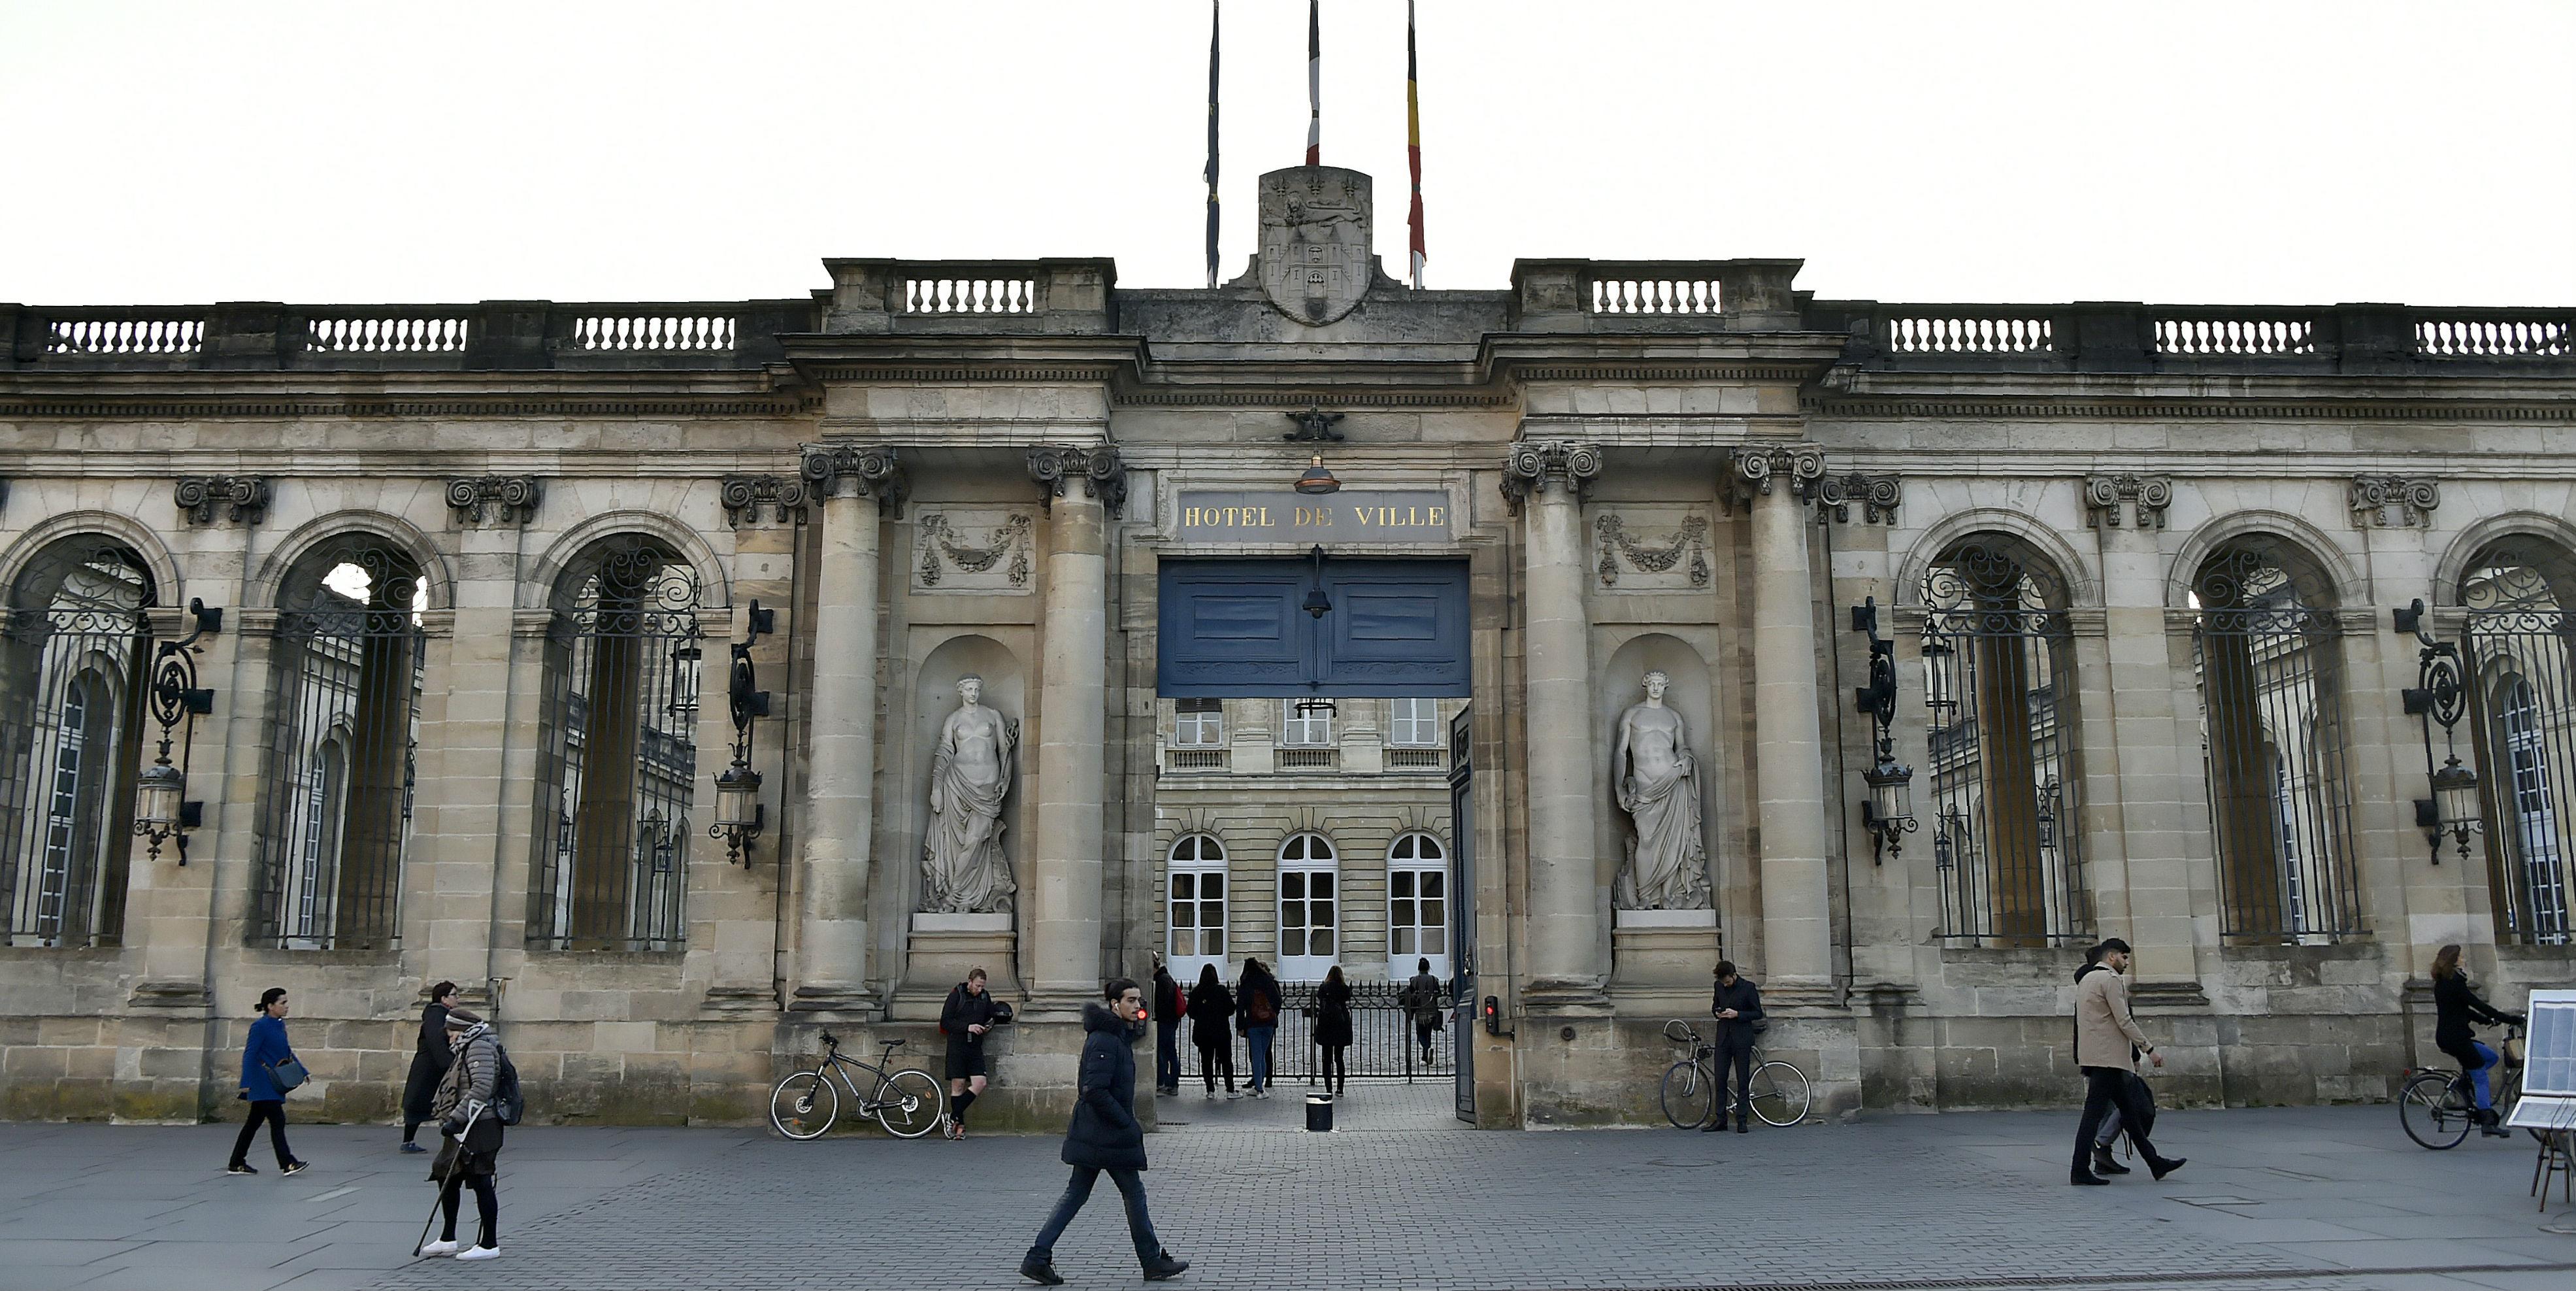 EXCLUSIF - Sondage municipales : à Bordeaux, la promesse d'un inédit second tour